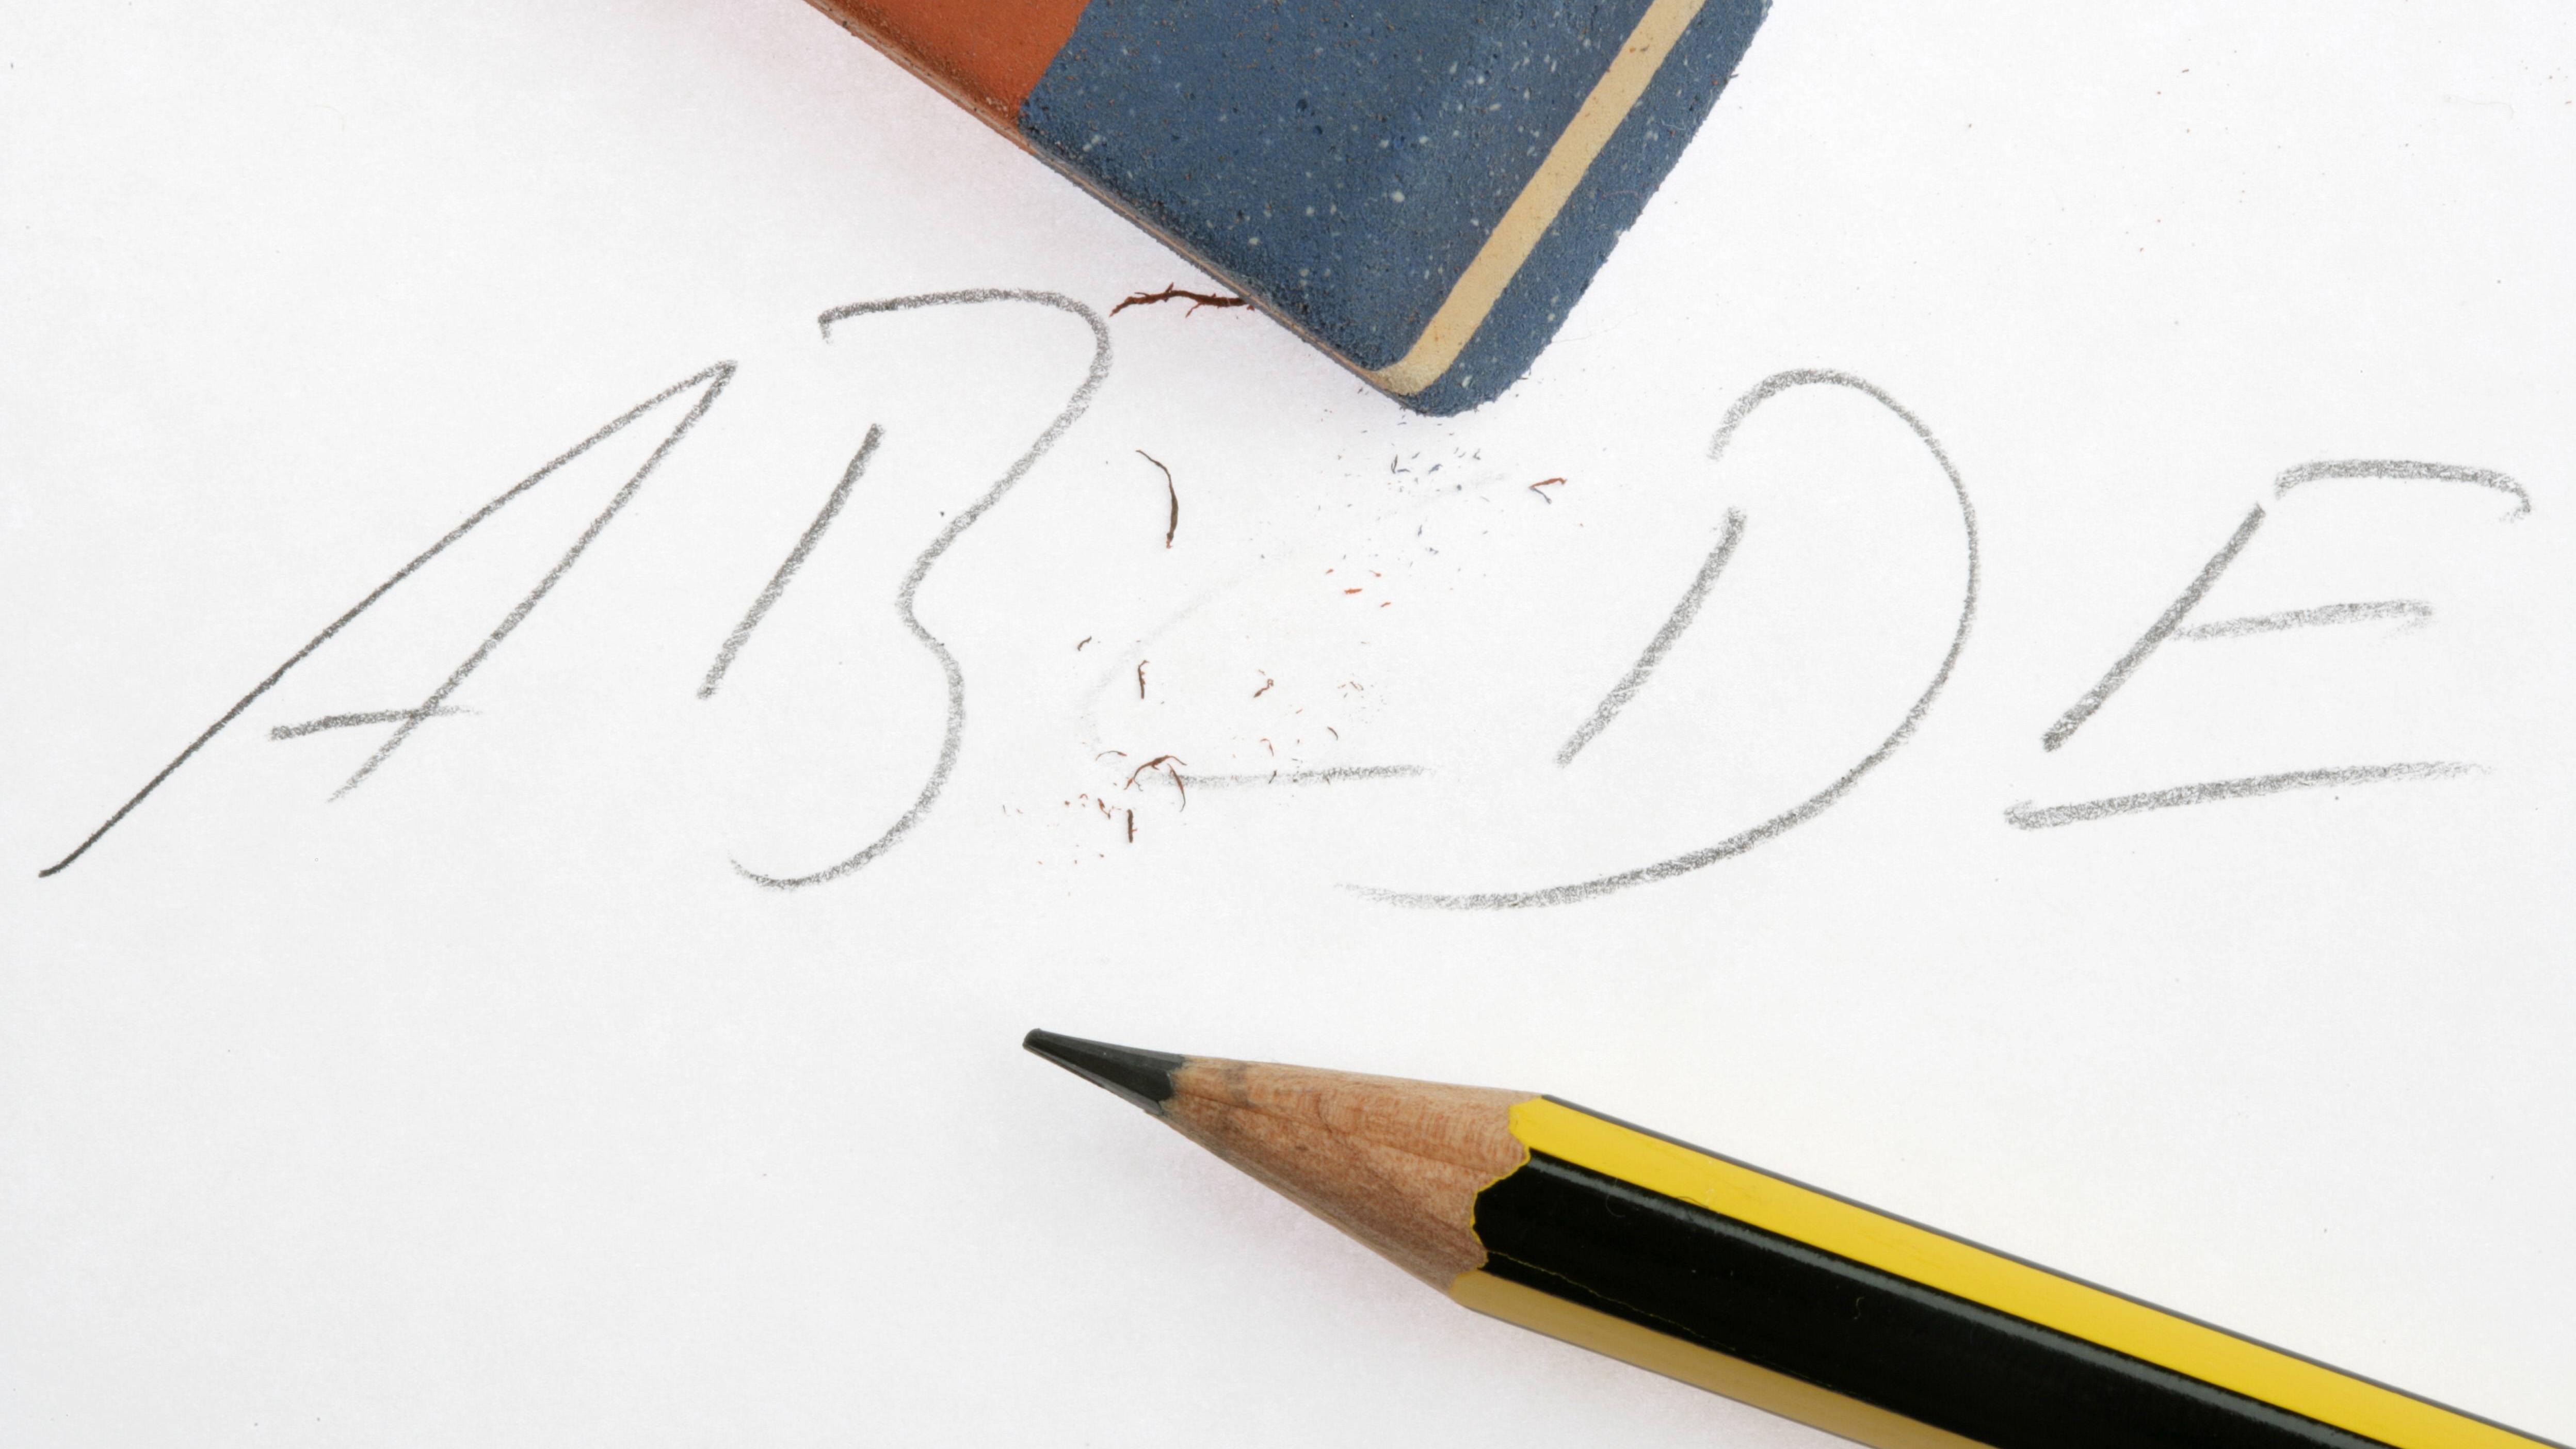 Bleistift entfernen Sie am besten mit einem Radiergummi.